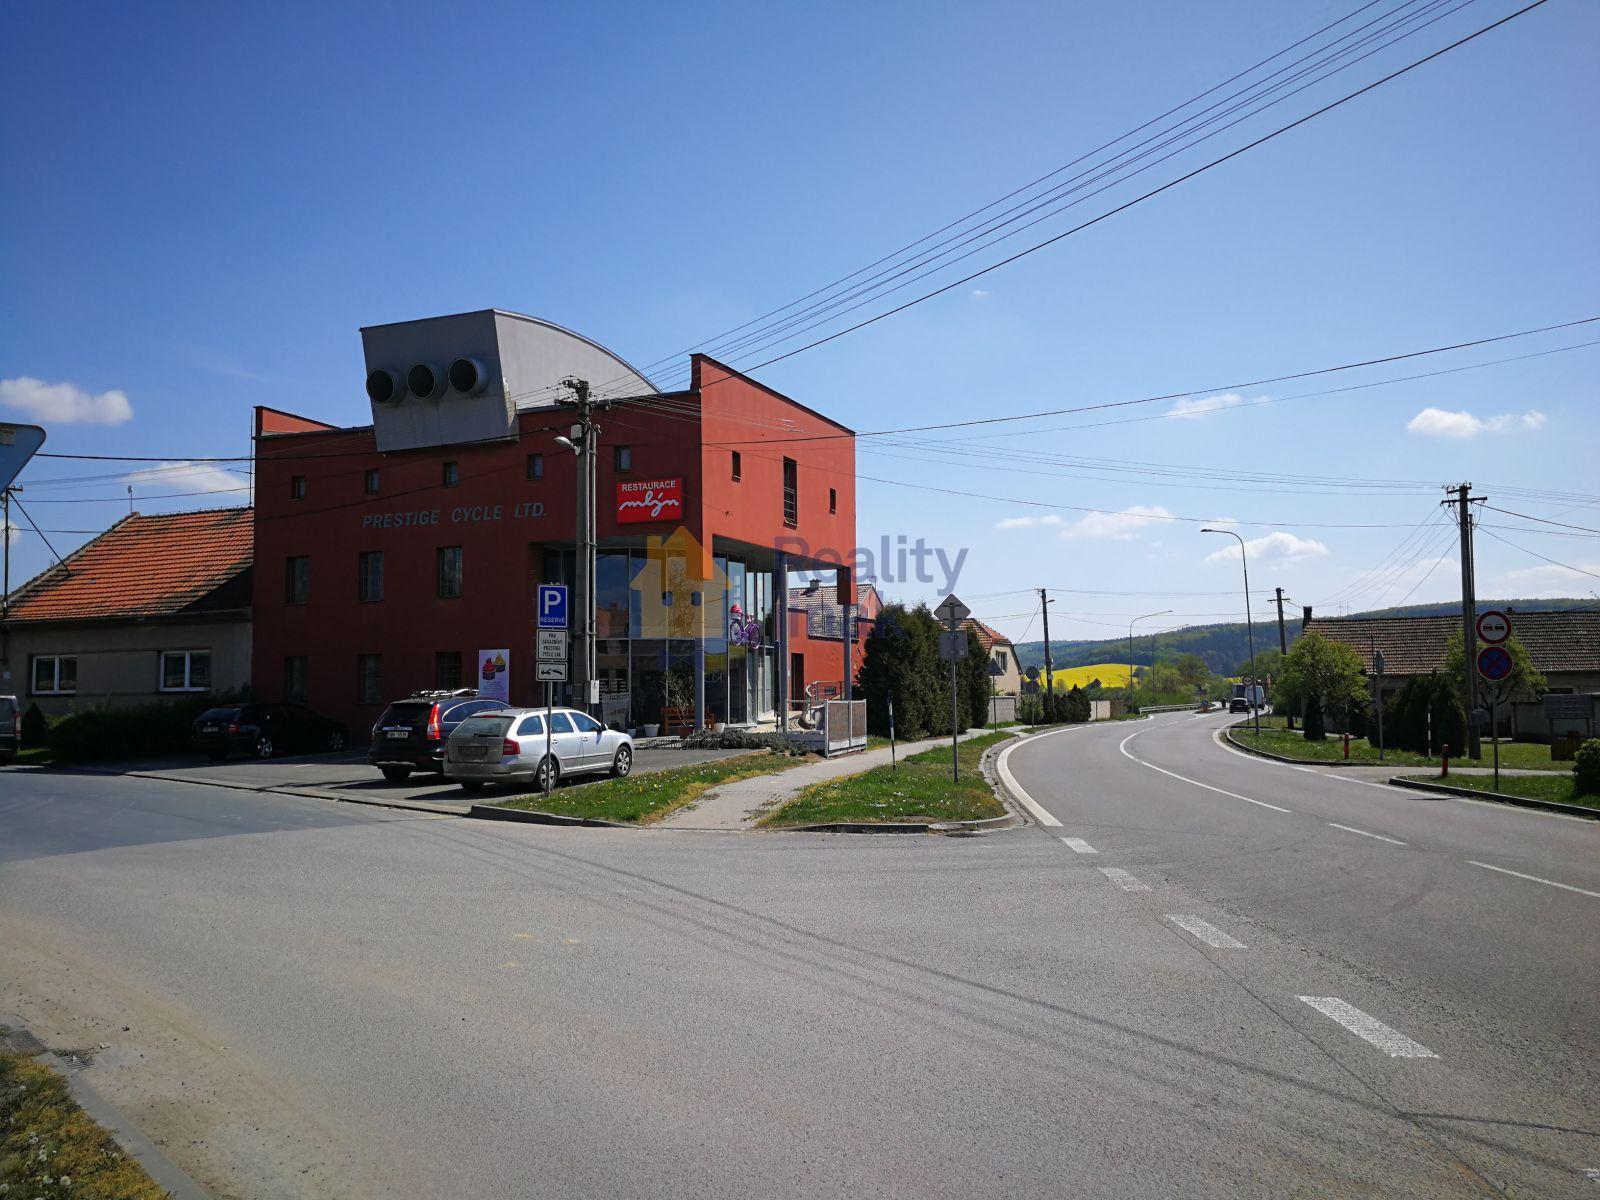 Prodej multifunkční budovy v Bučovicích, 664m2, 8 park. míst, terasy 130m2, Bučovice - Vícemilice